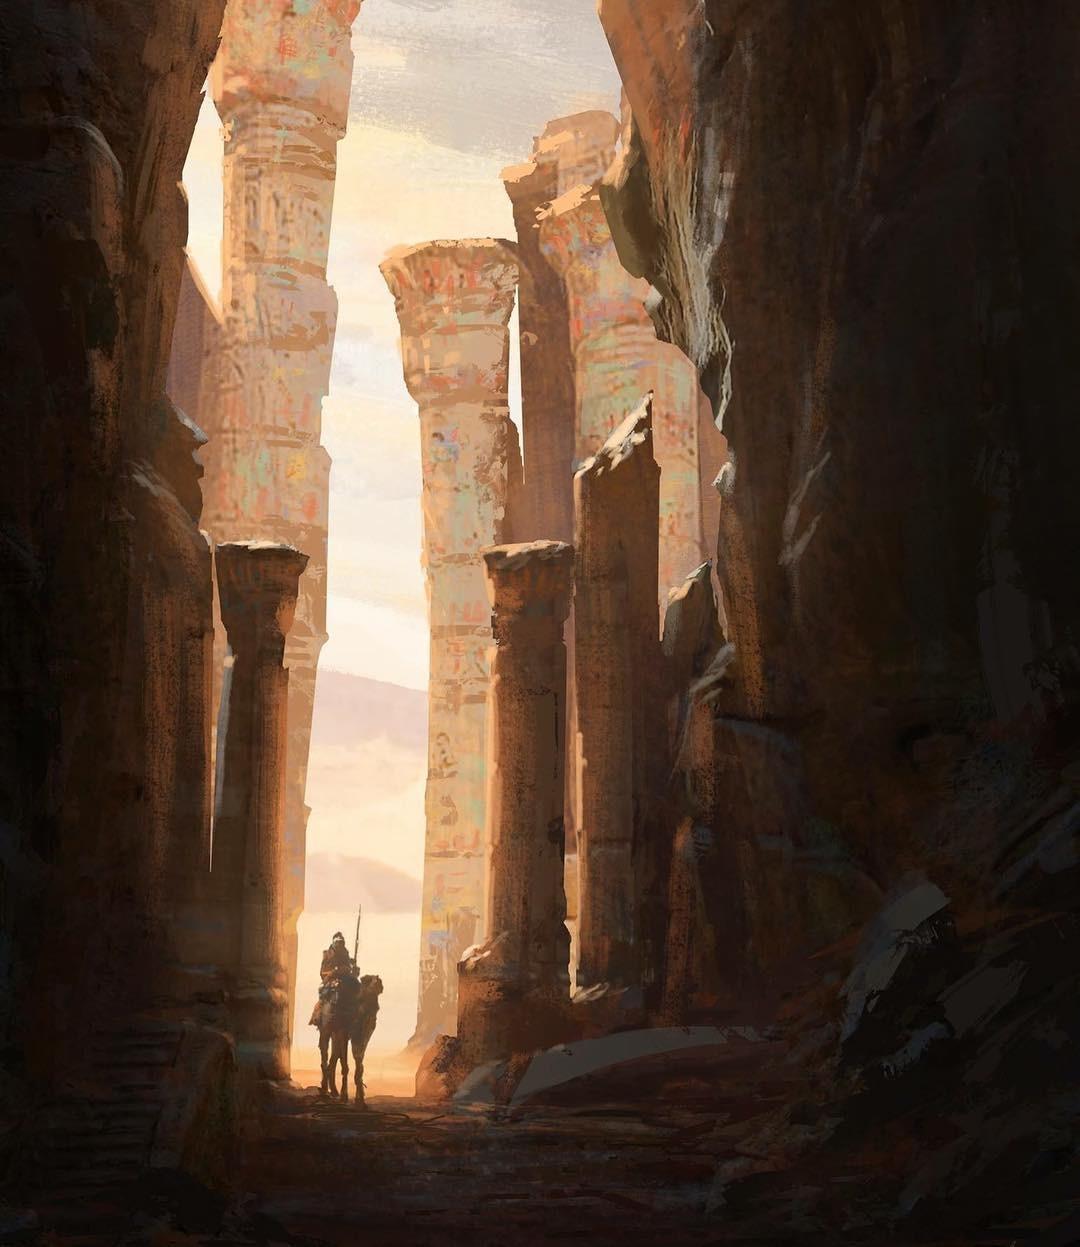 Bayek Exploring Ruins